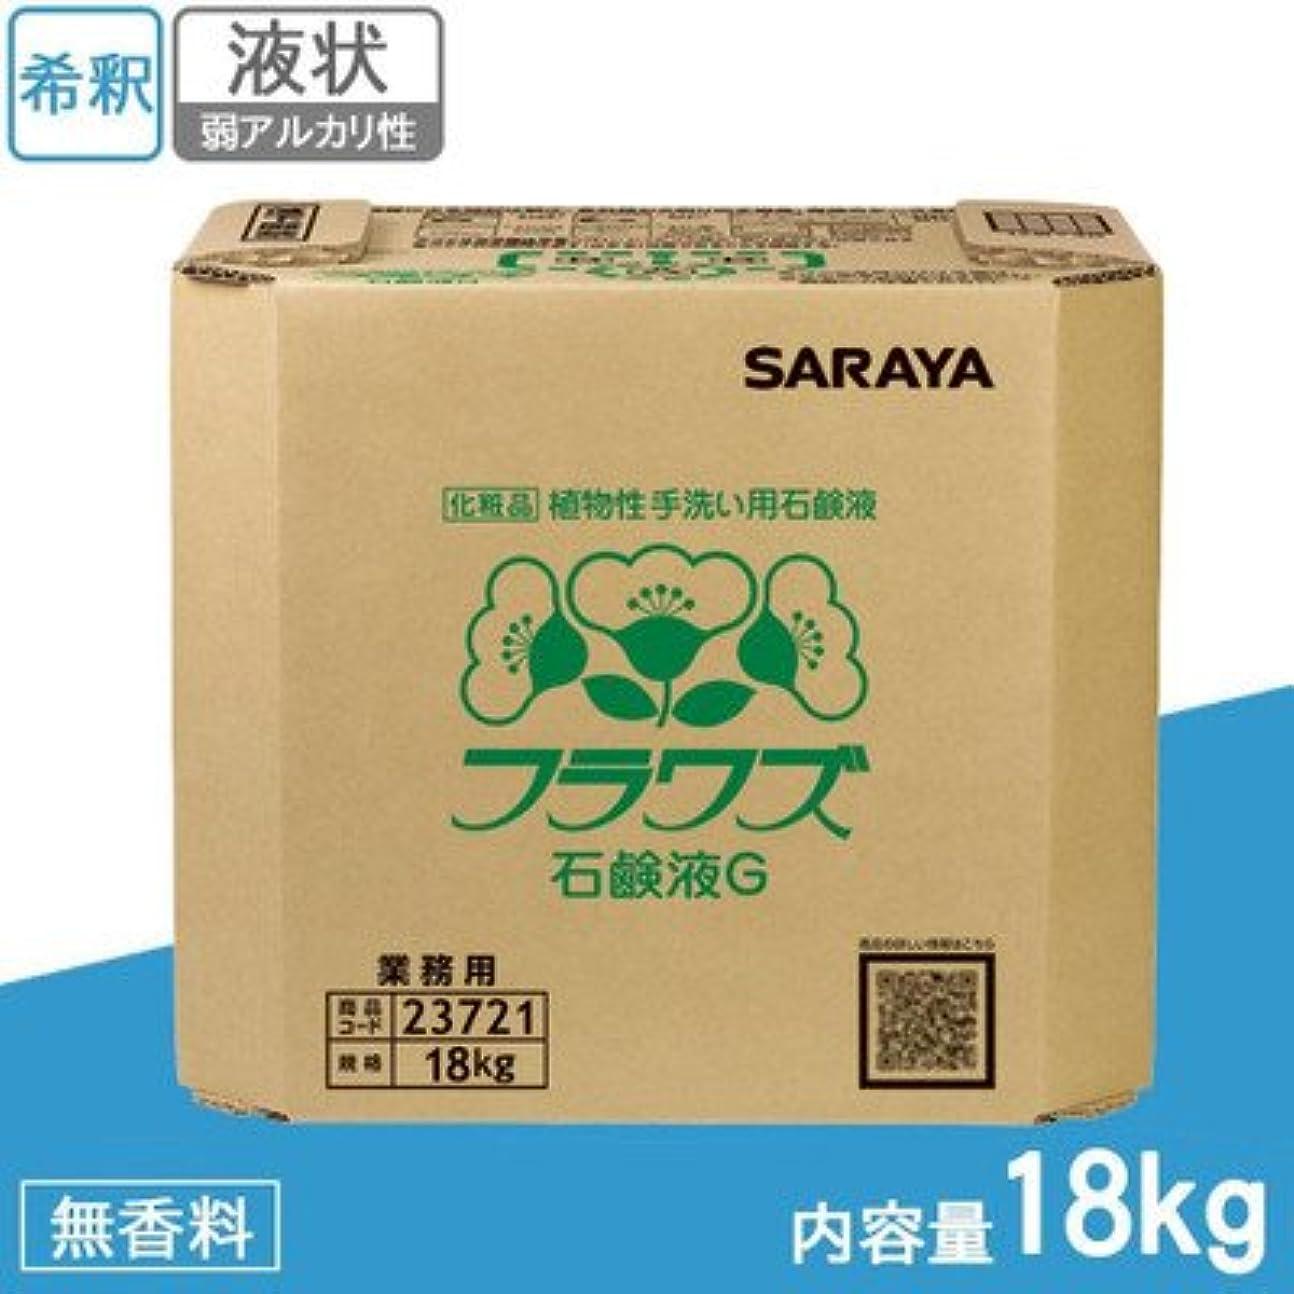 と地域コンバーチブル希釈タイプの業務用石けん液です サラヤ 業務用 植物性手洗い用石鹸液 フラワズ石鹸液G 18kg BIB 23721